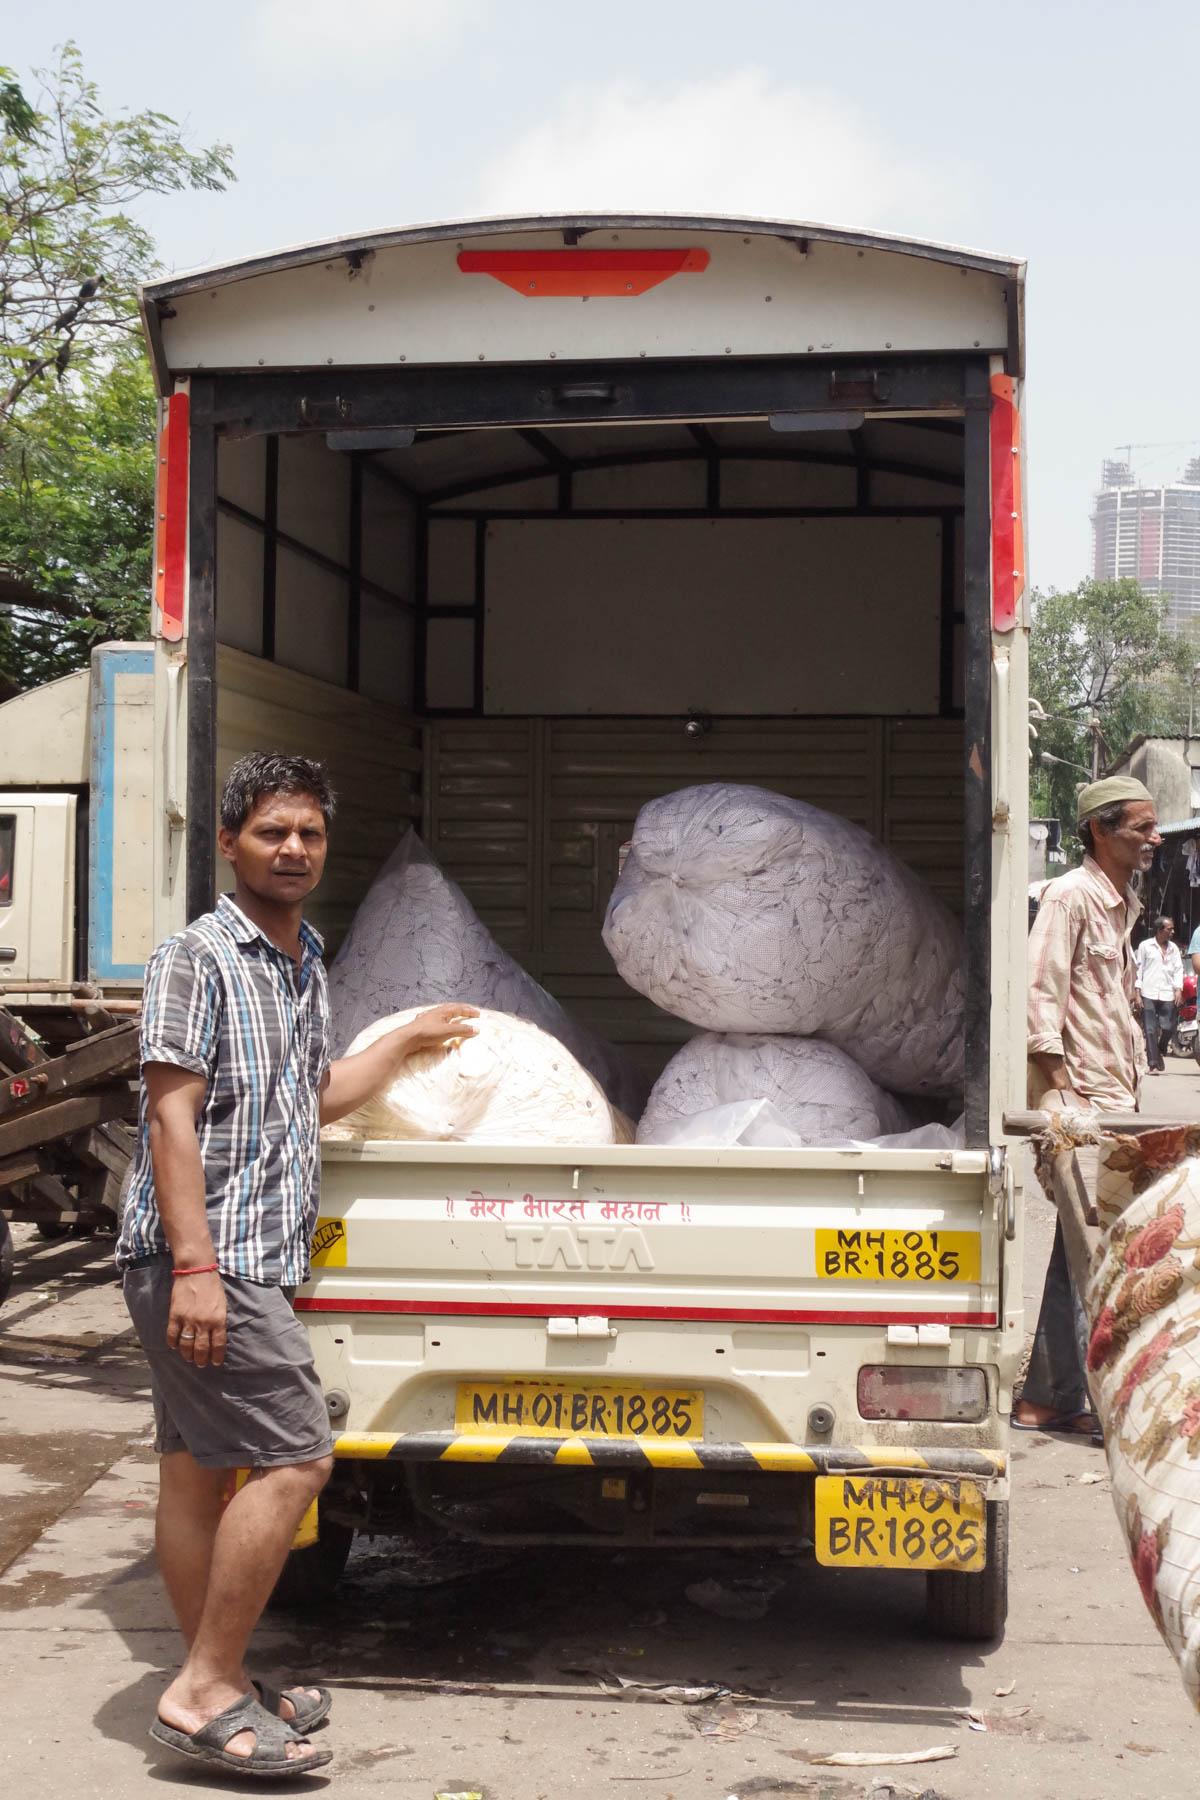 ムンバイ 巨大洗濯工場 ドービーガート 洗濯物を積んだトラック